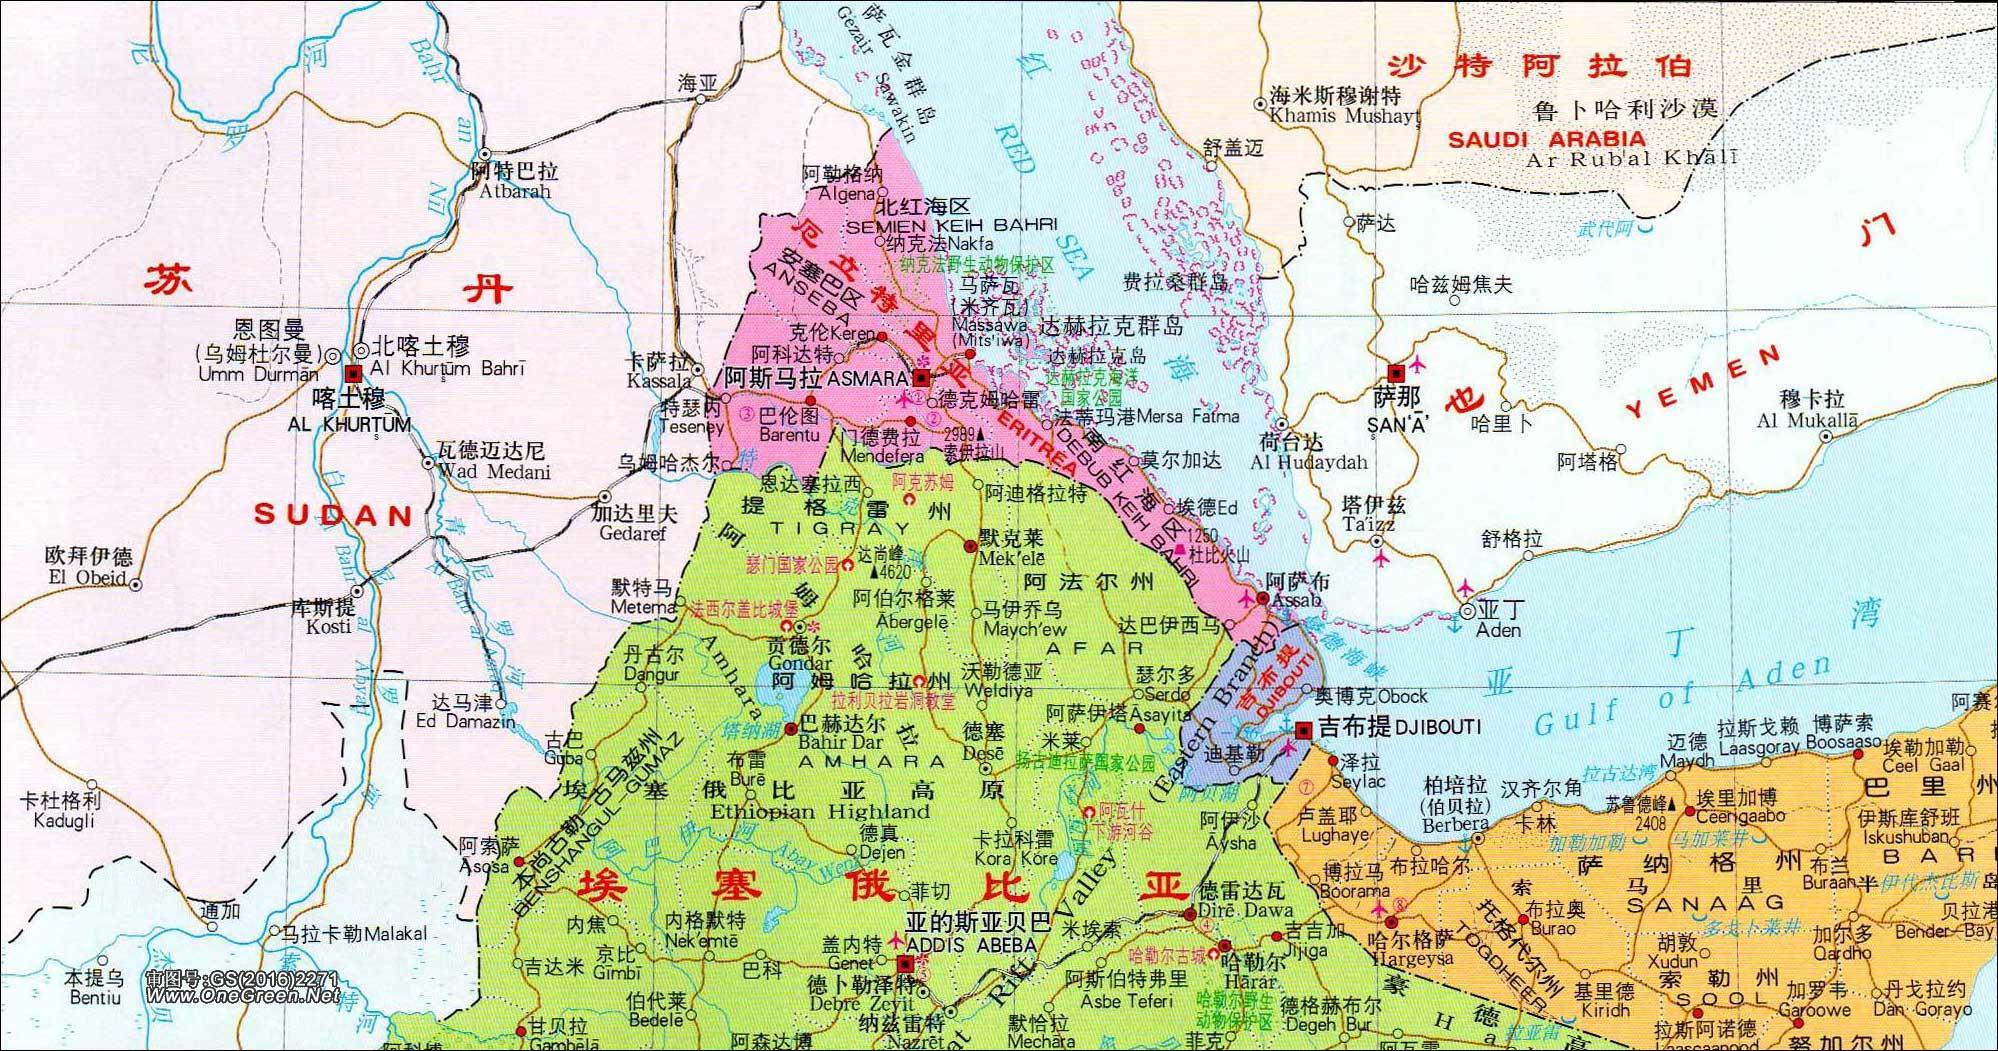 博茨瓦纳地图_厄立特里亚地图_地图窝